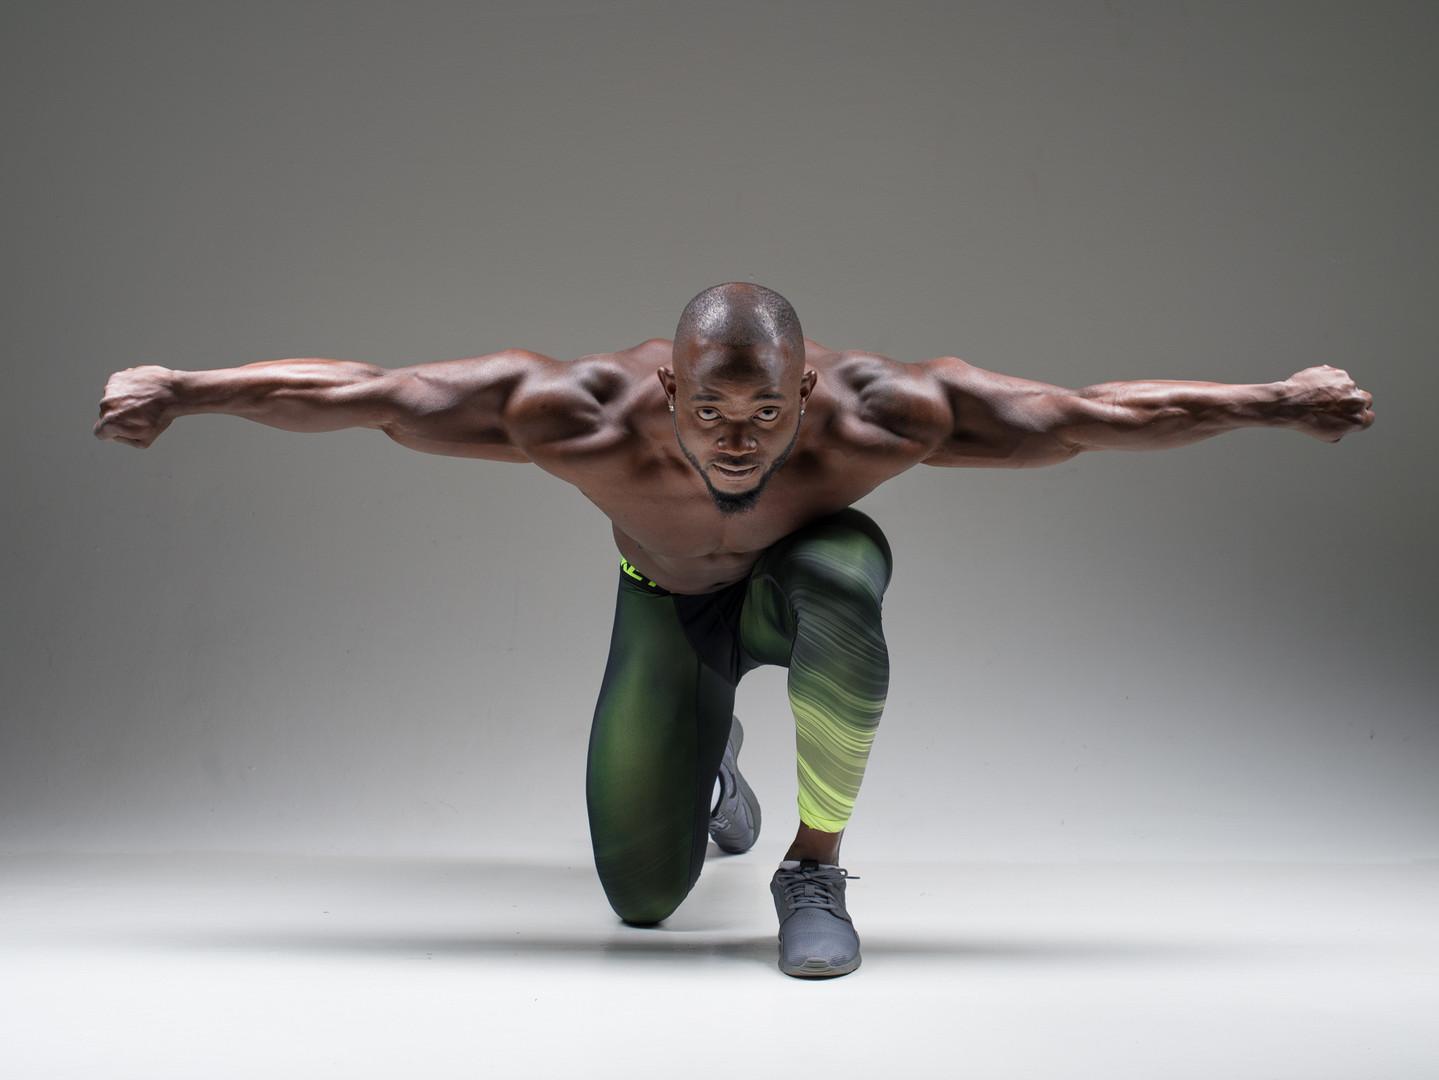 Weightlifer